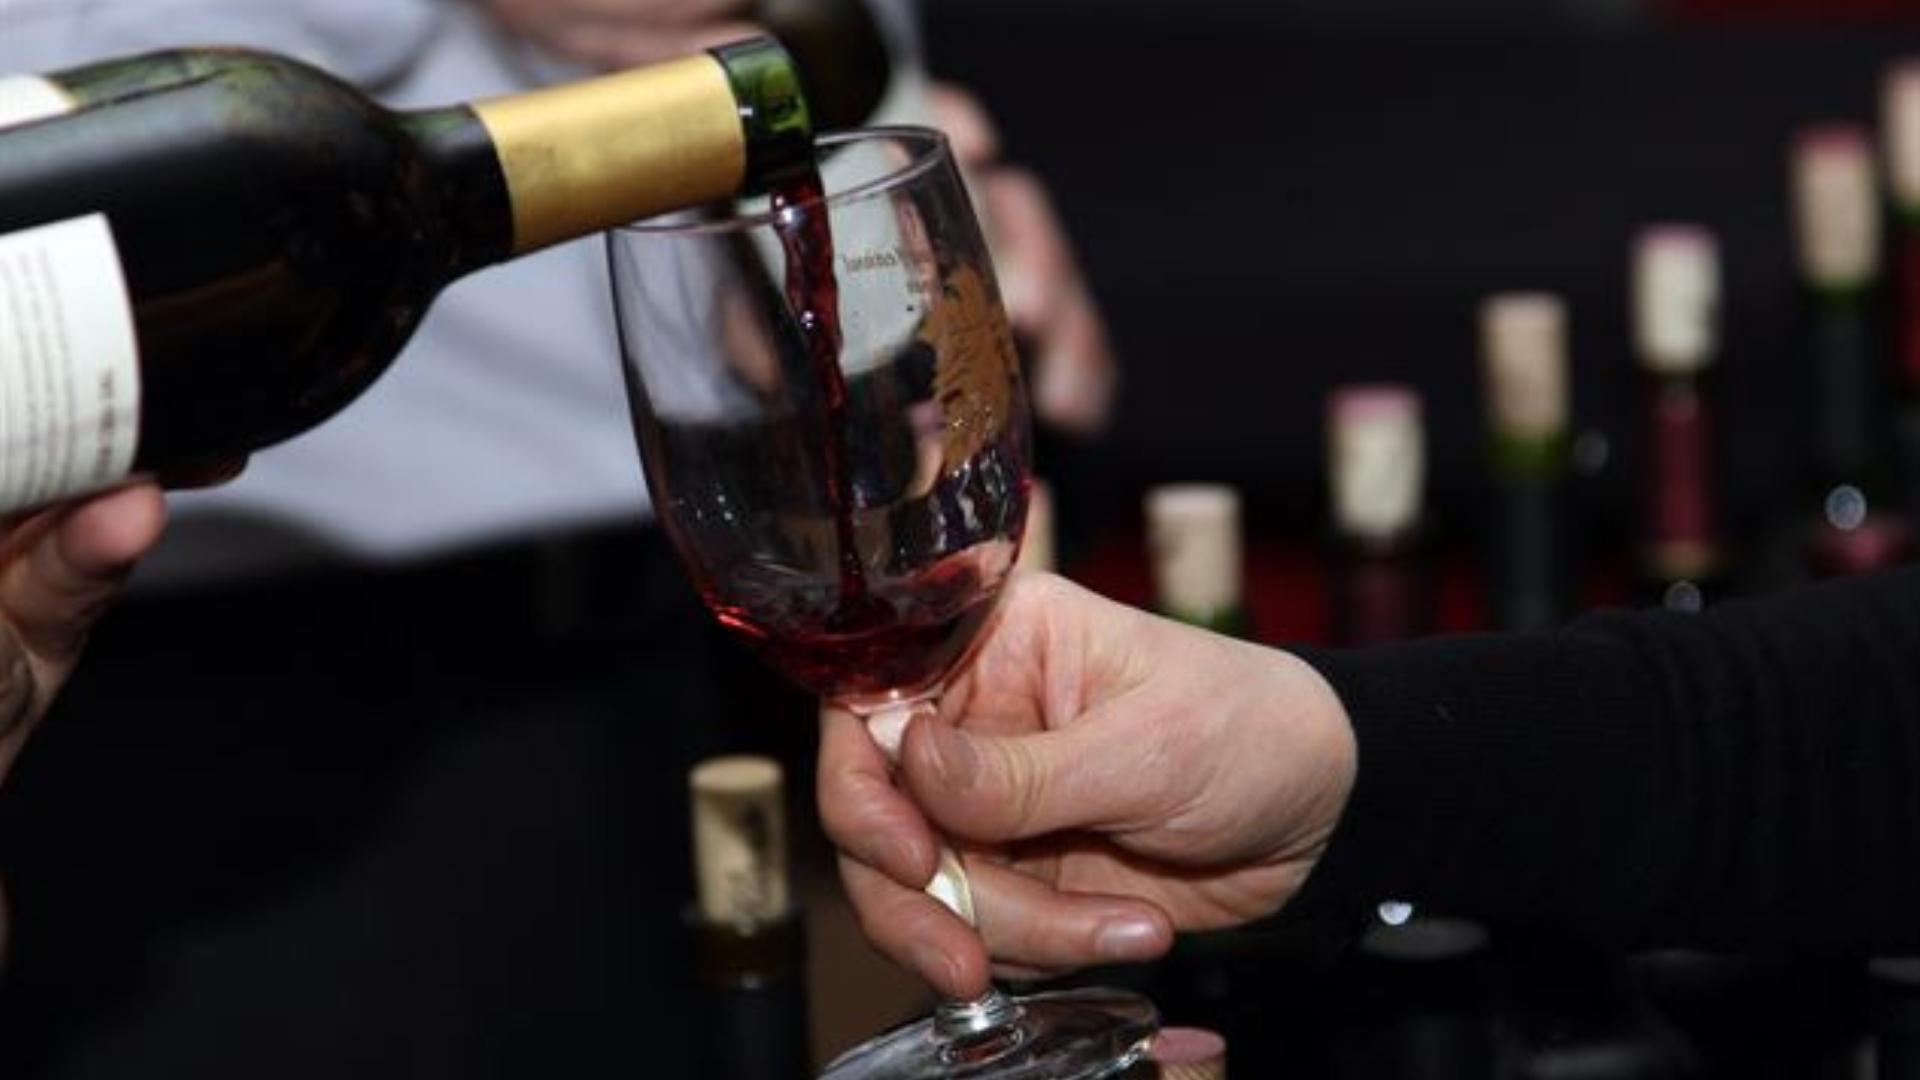 Consumo de vinho no Brasil tem alta de 18% em 2020